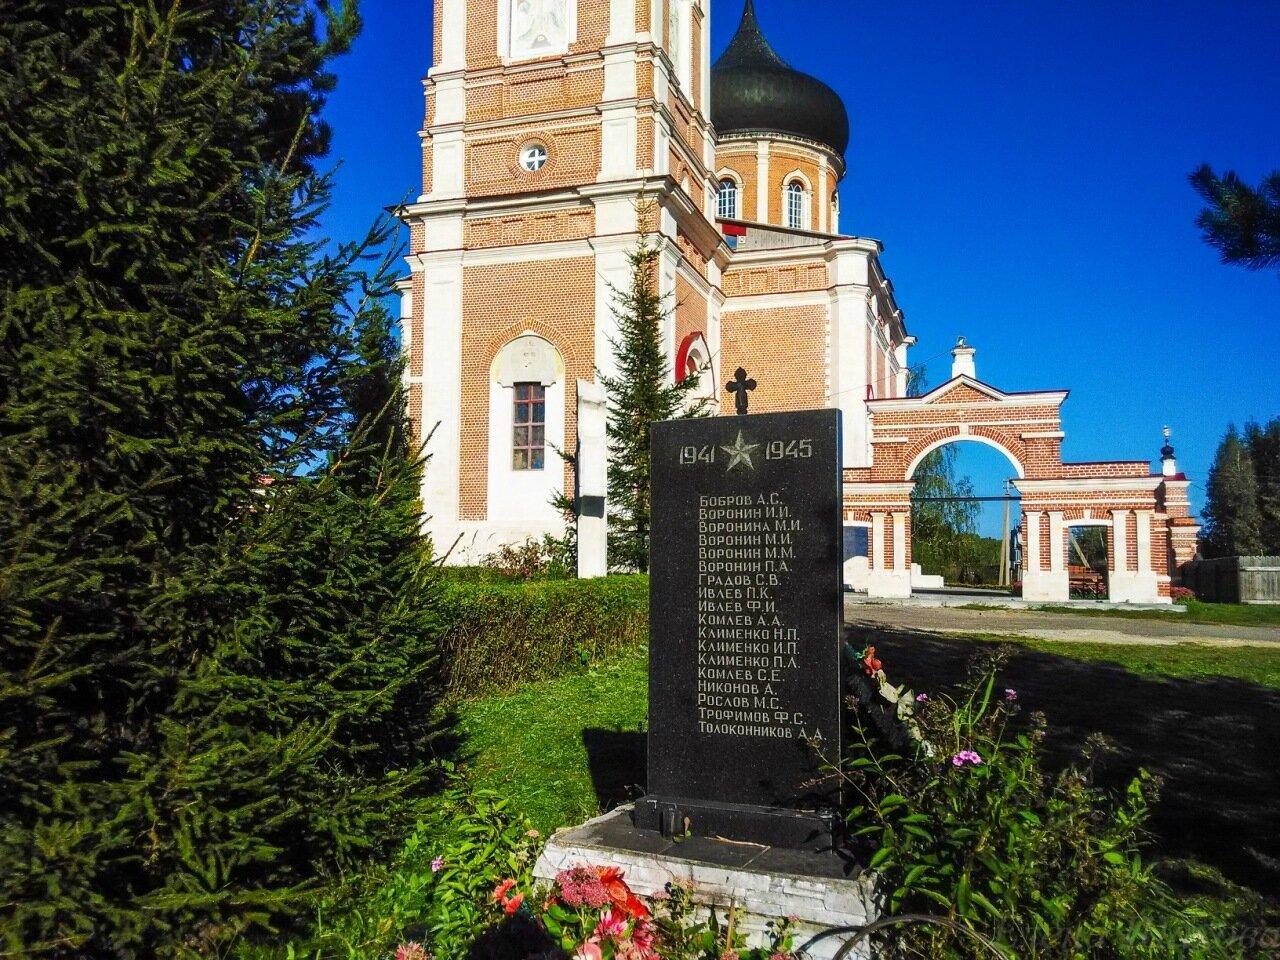 Церковь Воздвижения Честного Креста Господня в Сокольниково-11.jpg